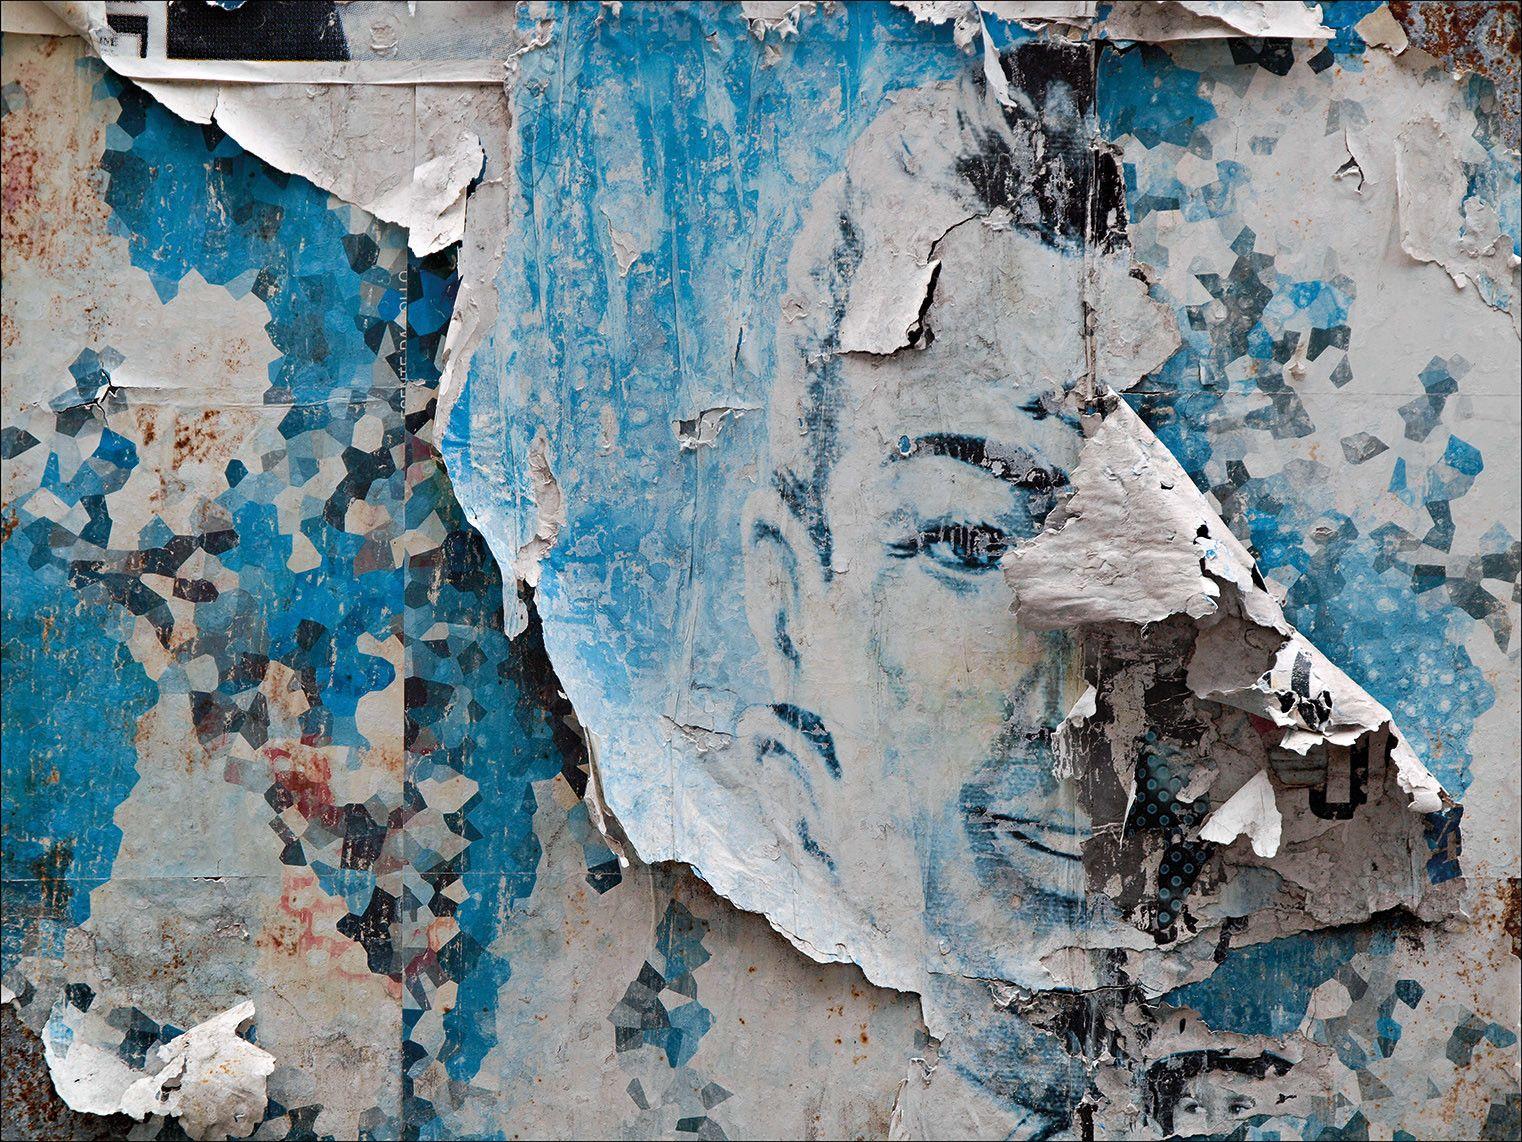 FOTOGRAFIA DIGITALE LUCA GALESSI ' L'UOMO DEL CIRCO '  dimensioni L 160 x H 120 cm.